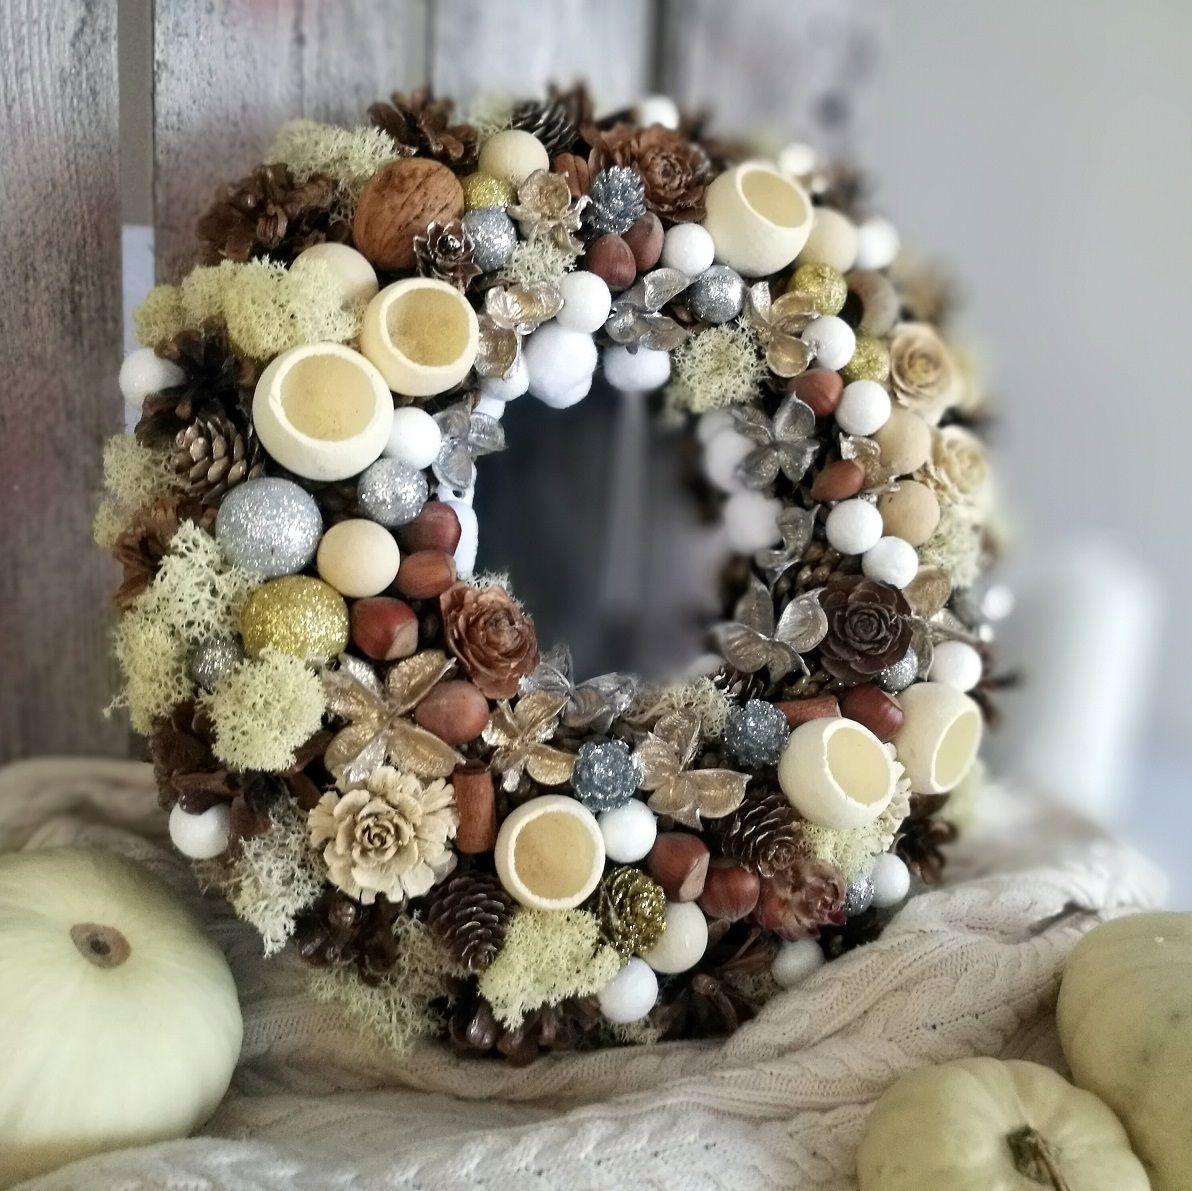 Wianek Jesienny Z Szyszek W Bieli Swiateczne Atelier Christmas Wreaths Burlap Wreath Holiday Decor